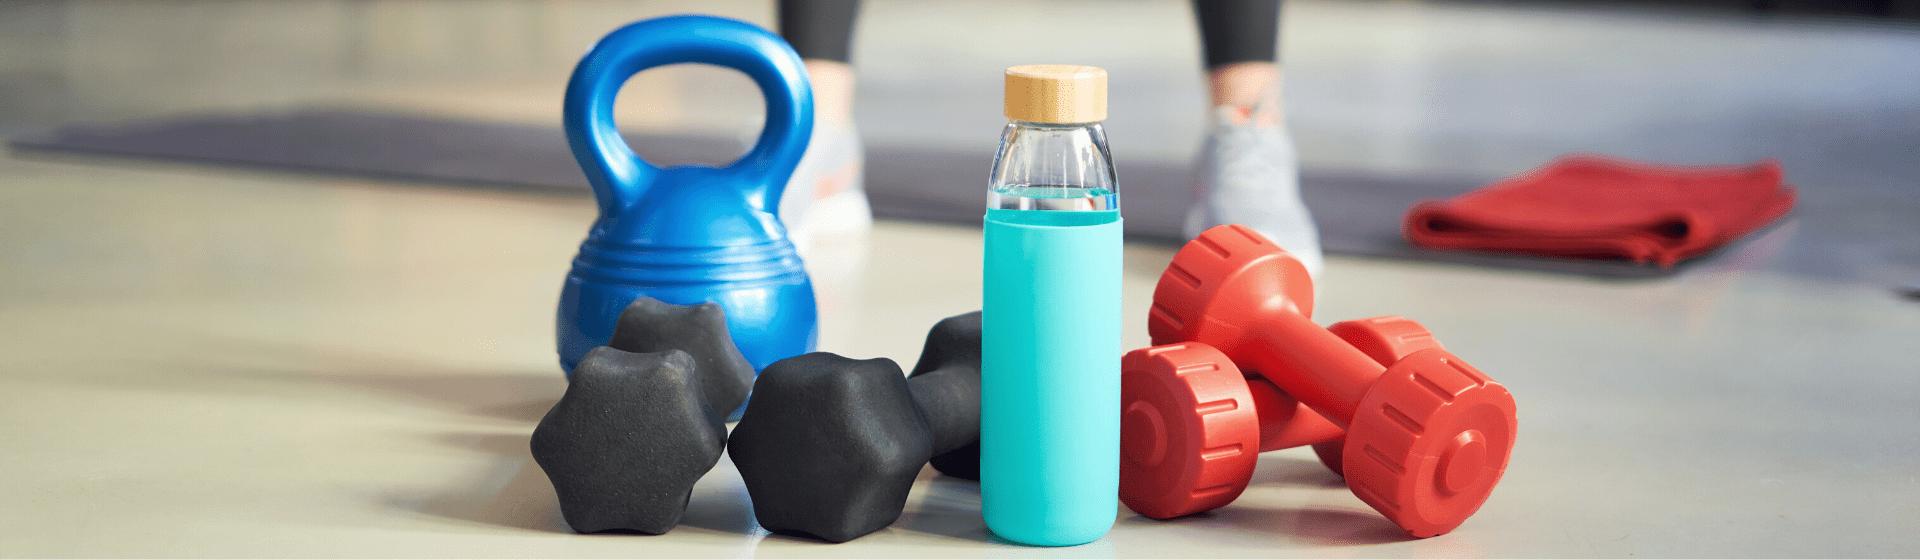 Peso de academia: tipos de peso de academia e modelos para usar em casa